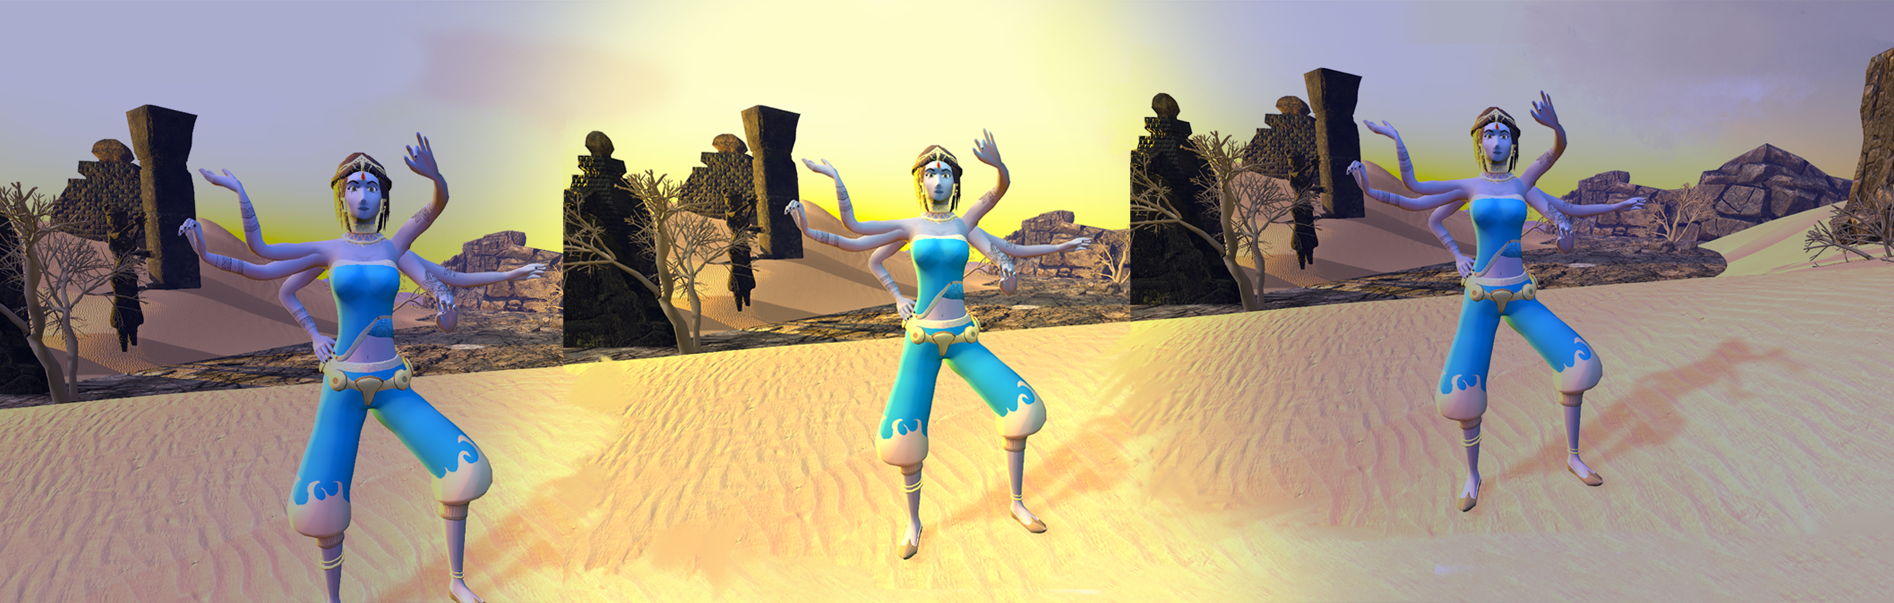 Anamika VR – godin zonder naam